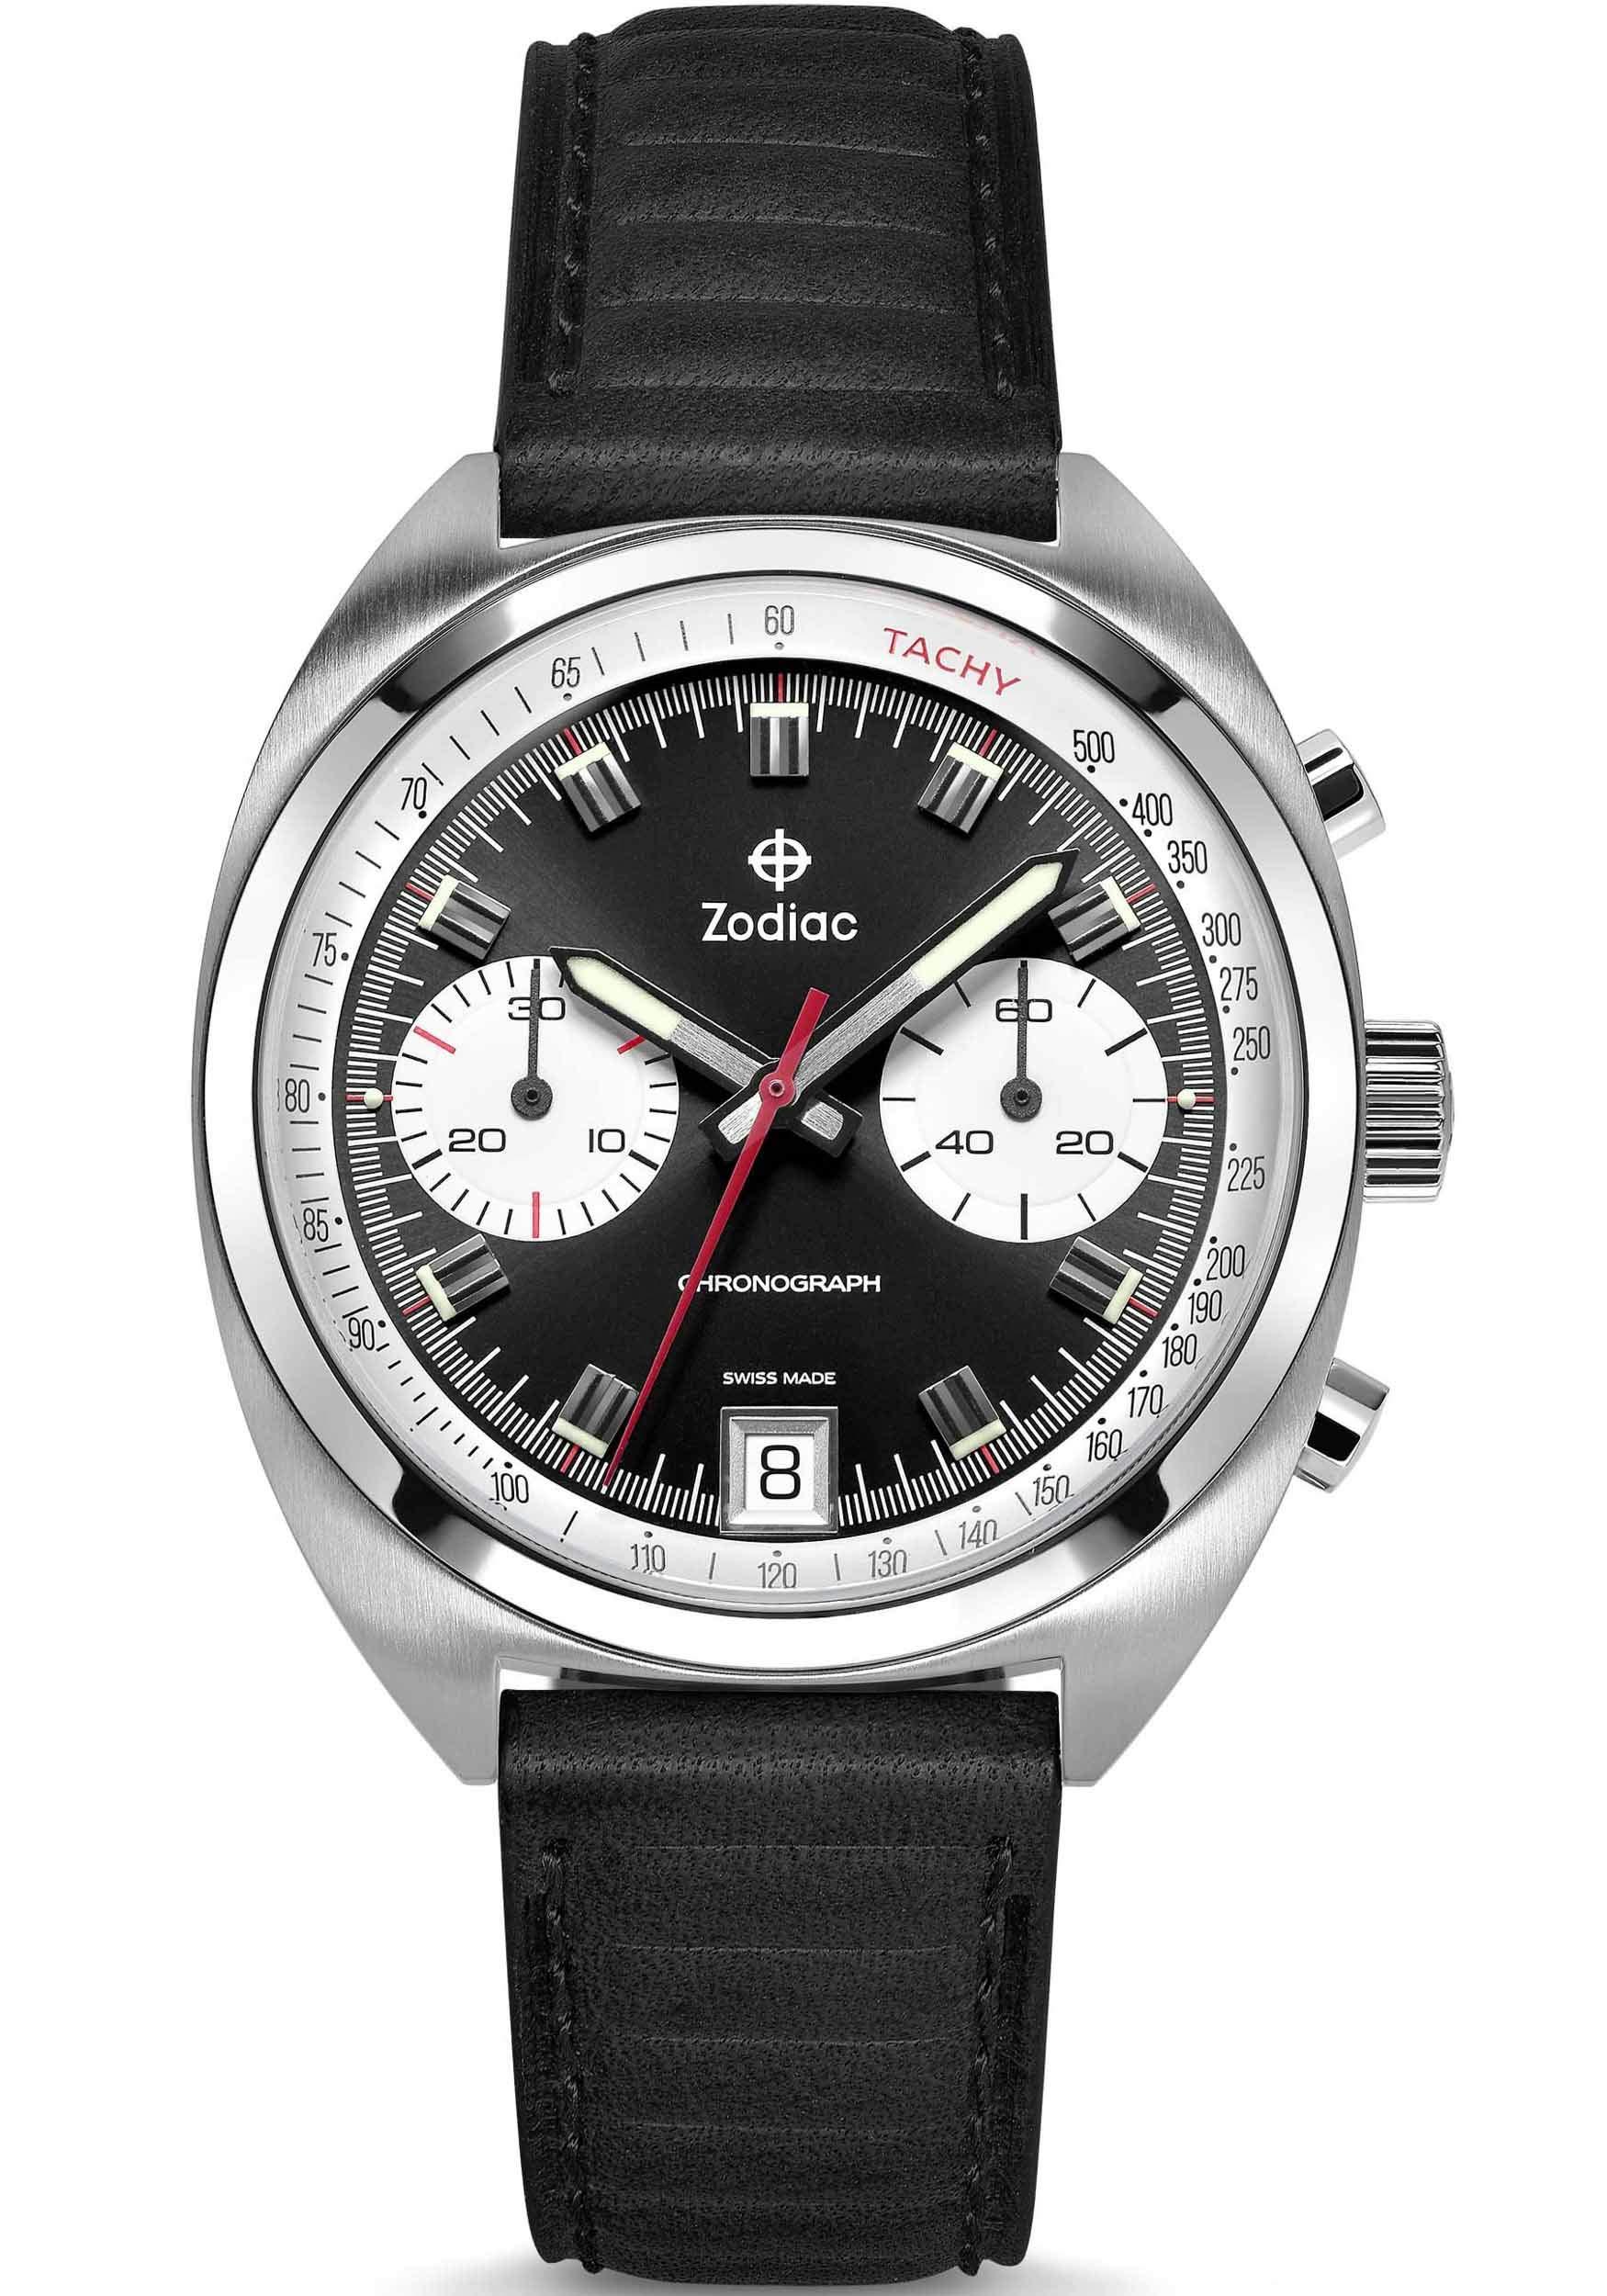 Zodiac Men's Grandrally Stainless Steel Swiss-Quartz Watch with Leather Strap, Black, 20 (Model: ZO9602